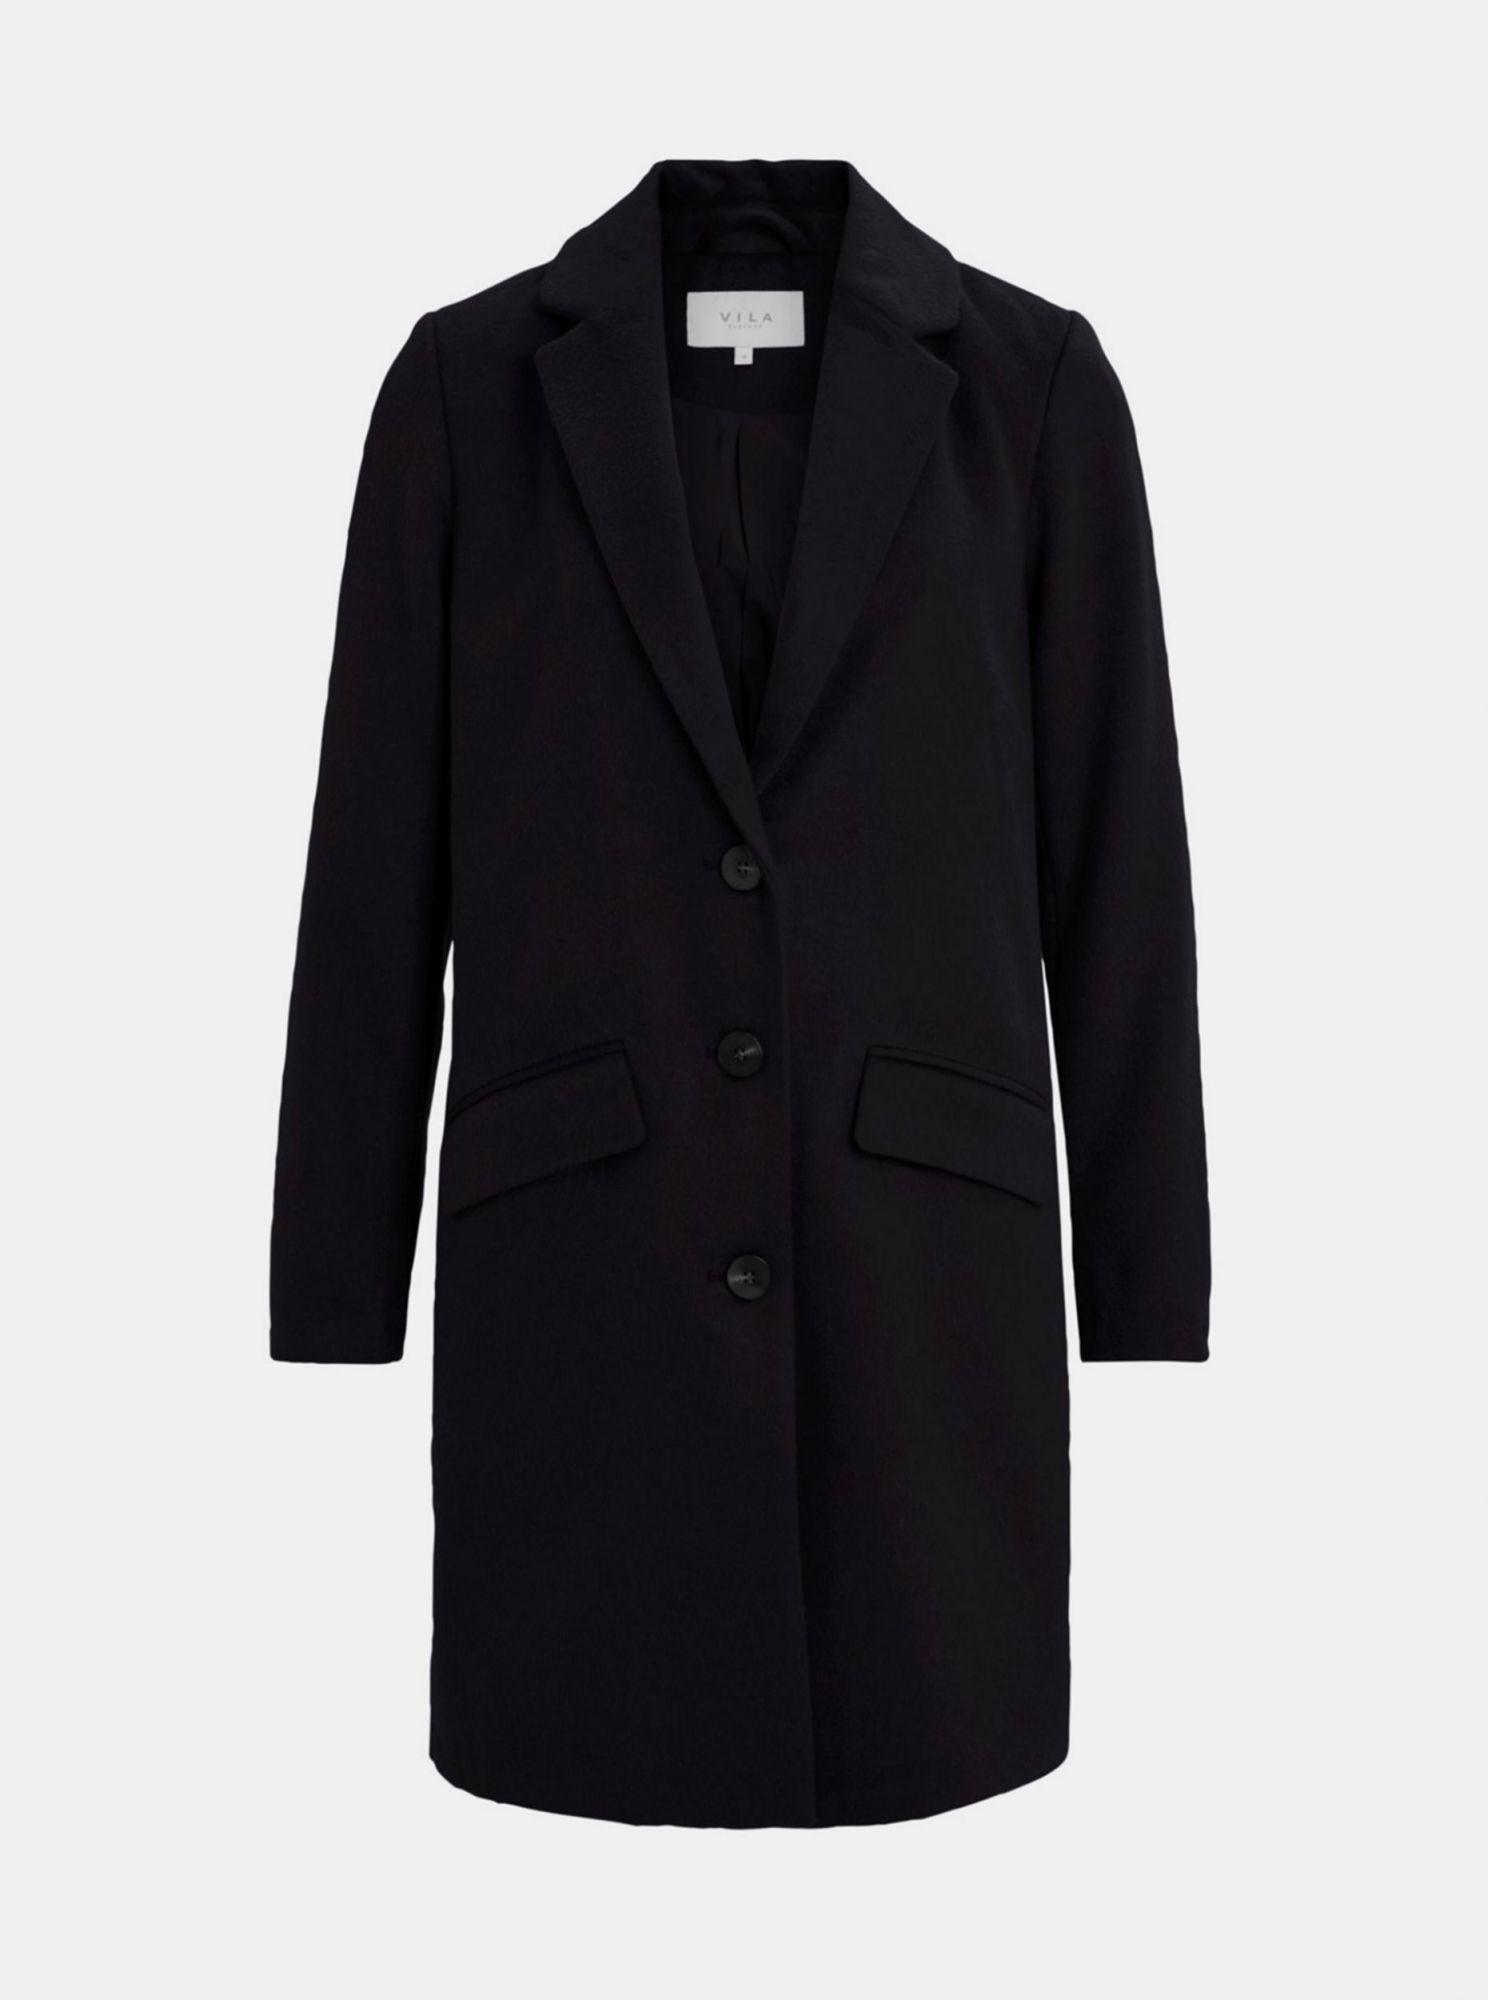 Černý kabát s příměsí vlny VILA Leovita